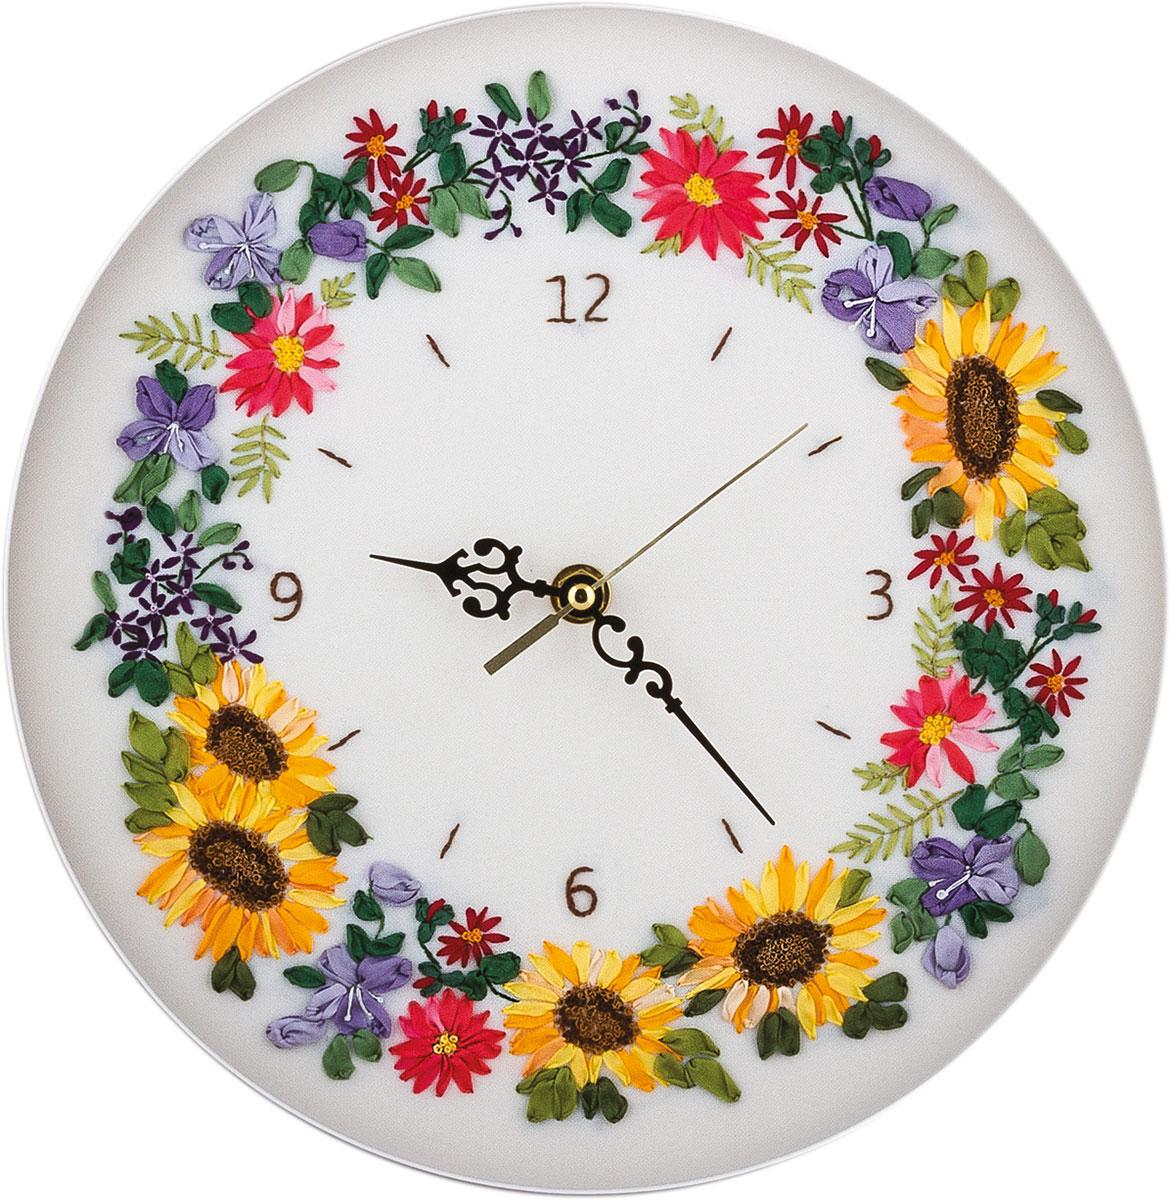 Вышивка крестом часы с механизмом схема